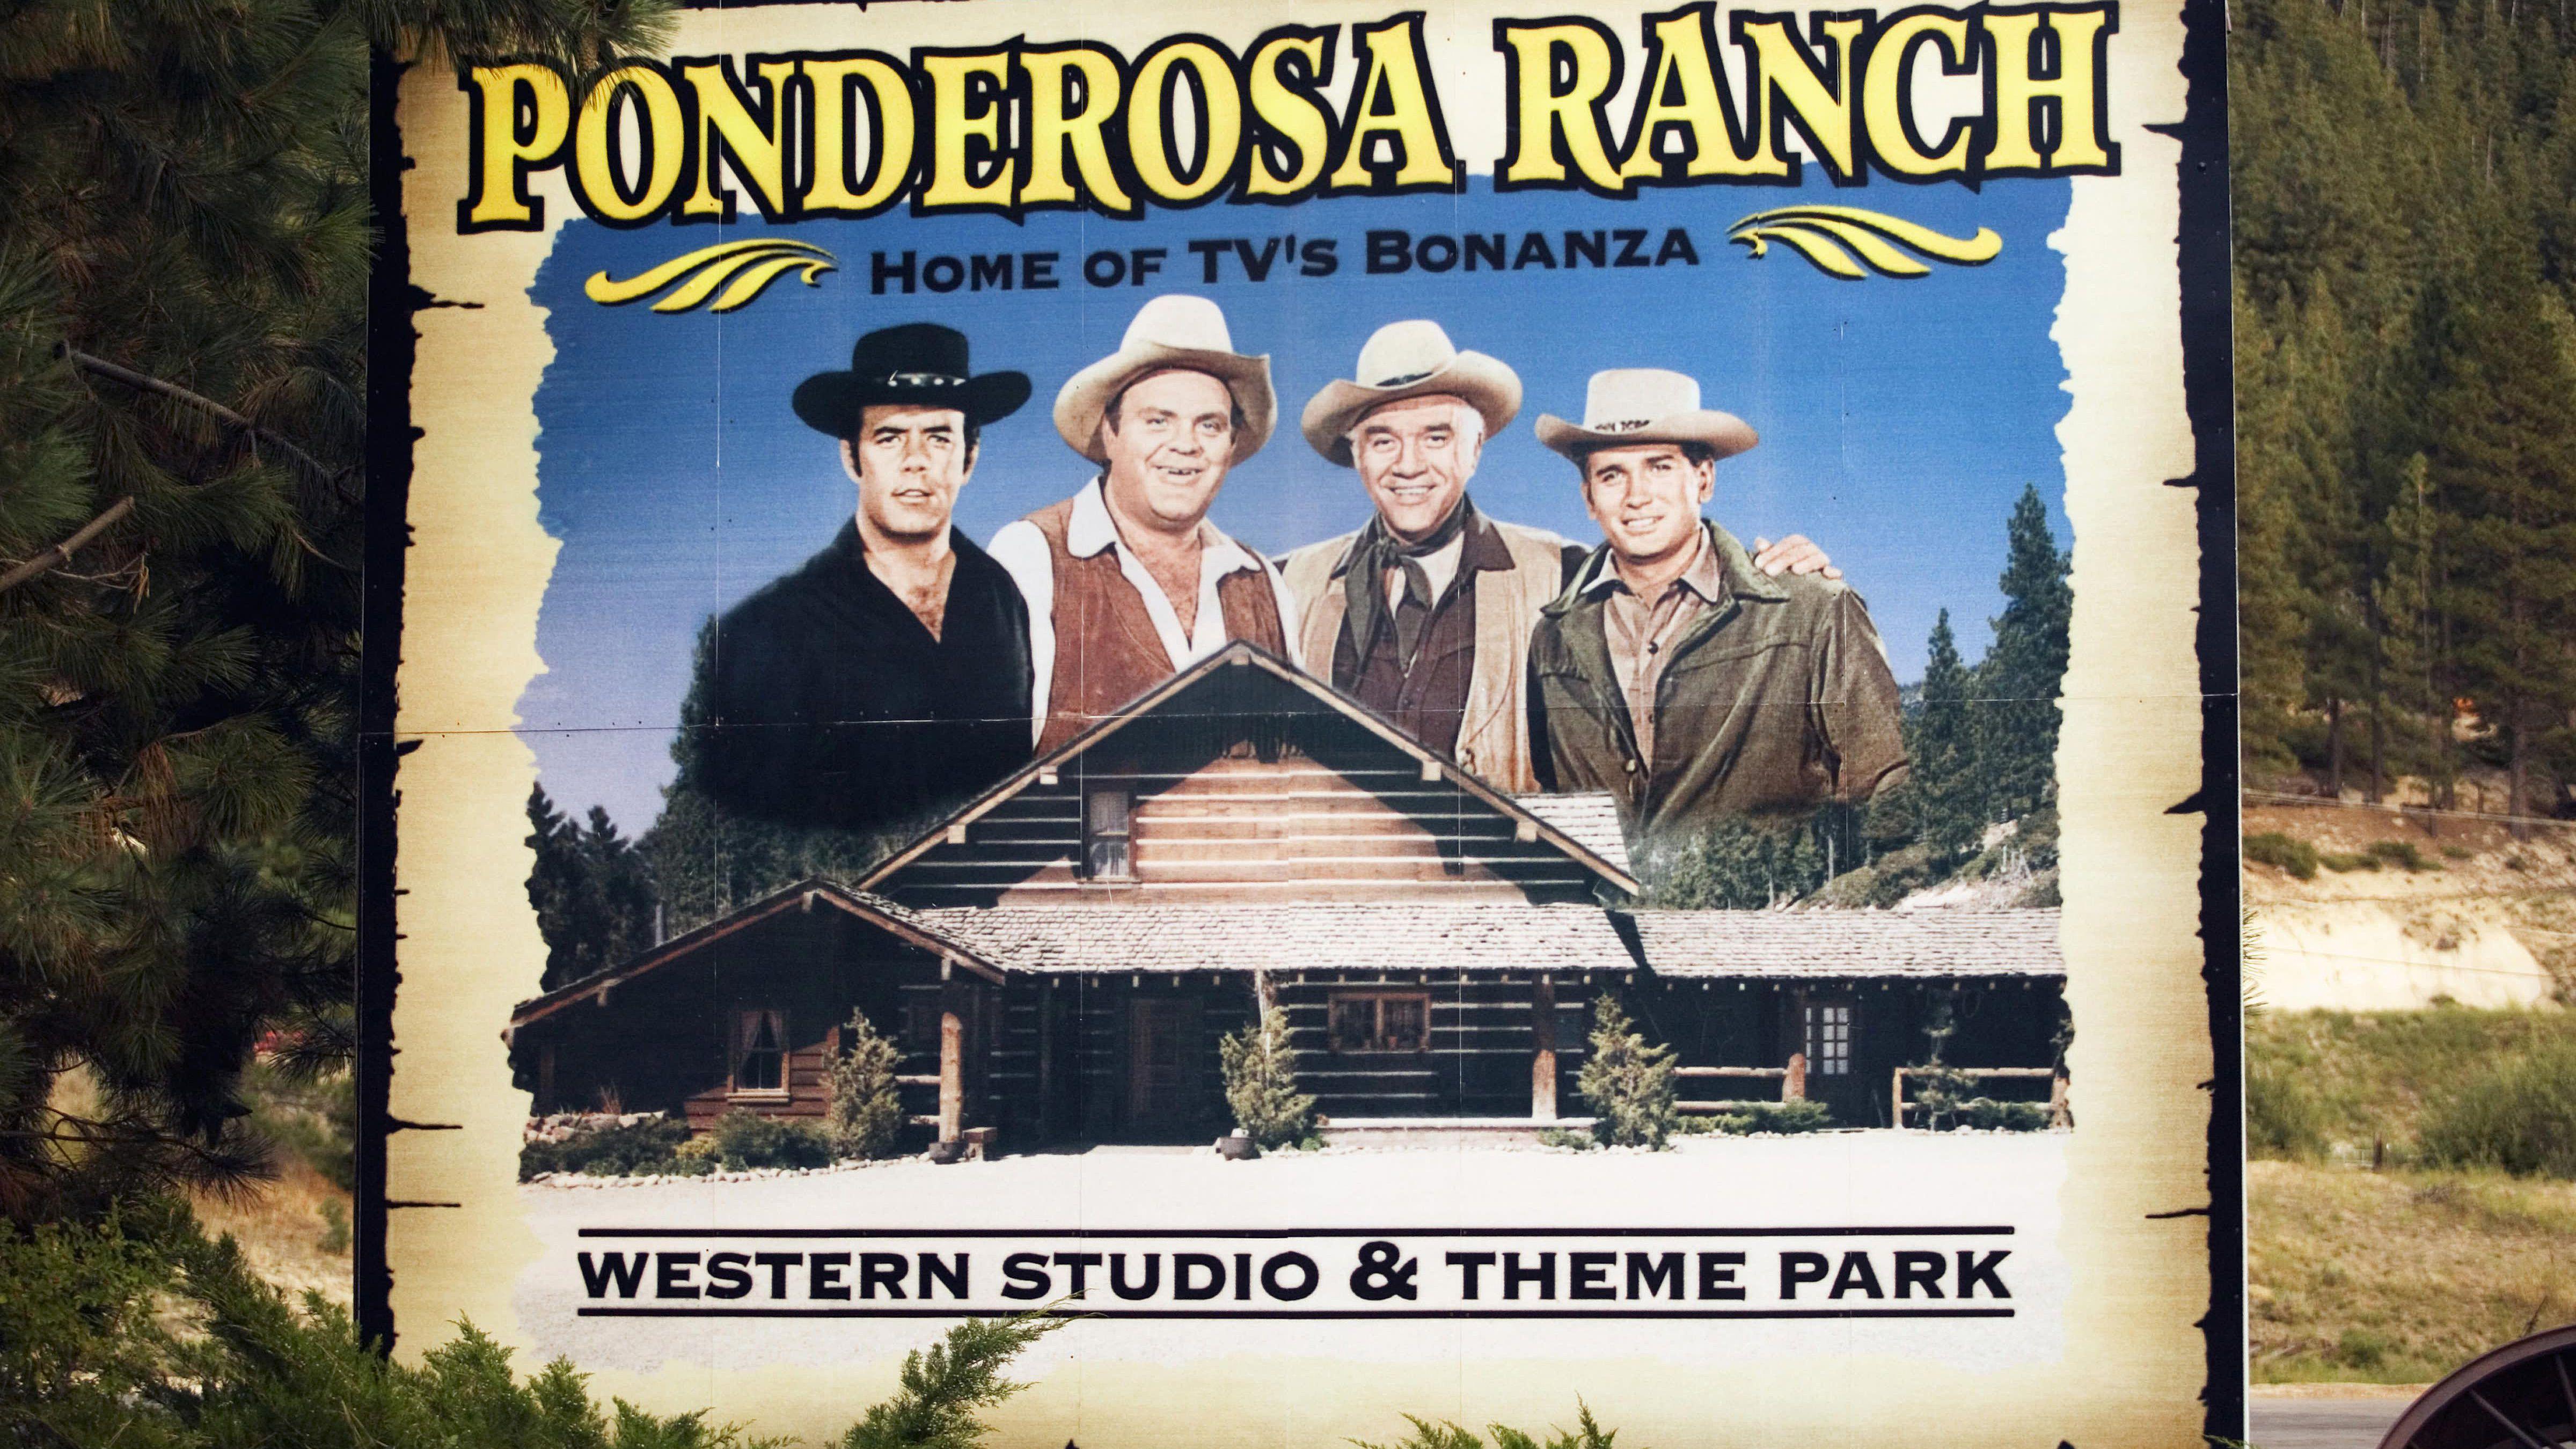 Ponderosa Ranch: Bonanza TV Location at Lake Tahoe